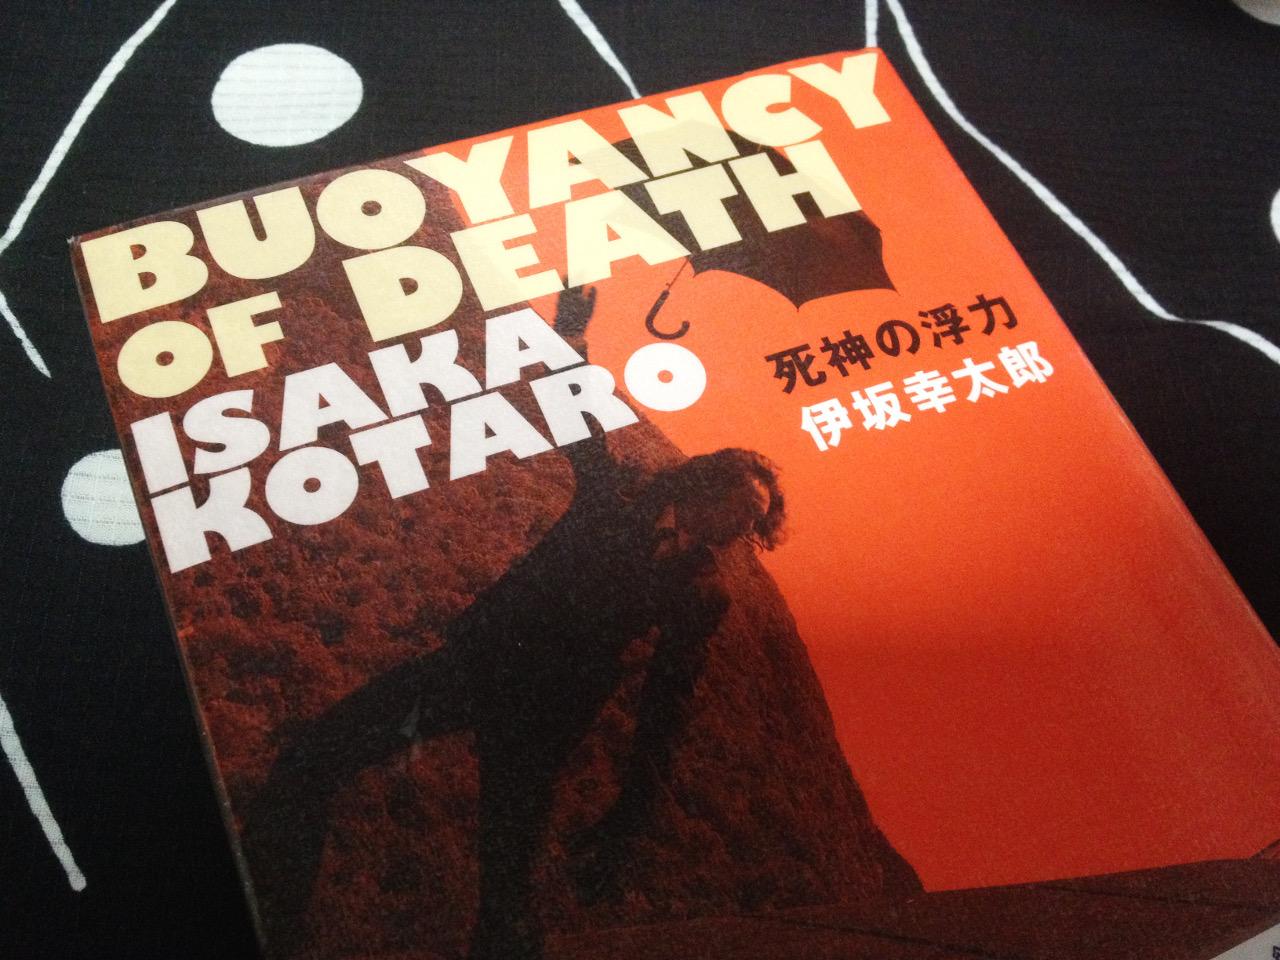 伊坂幸太郎「死神の浮力」怖いけど怖くない